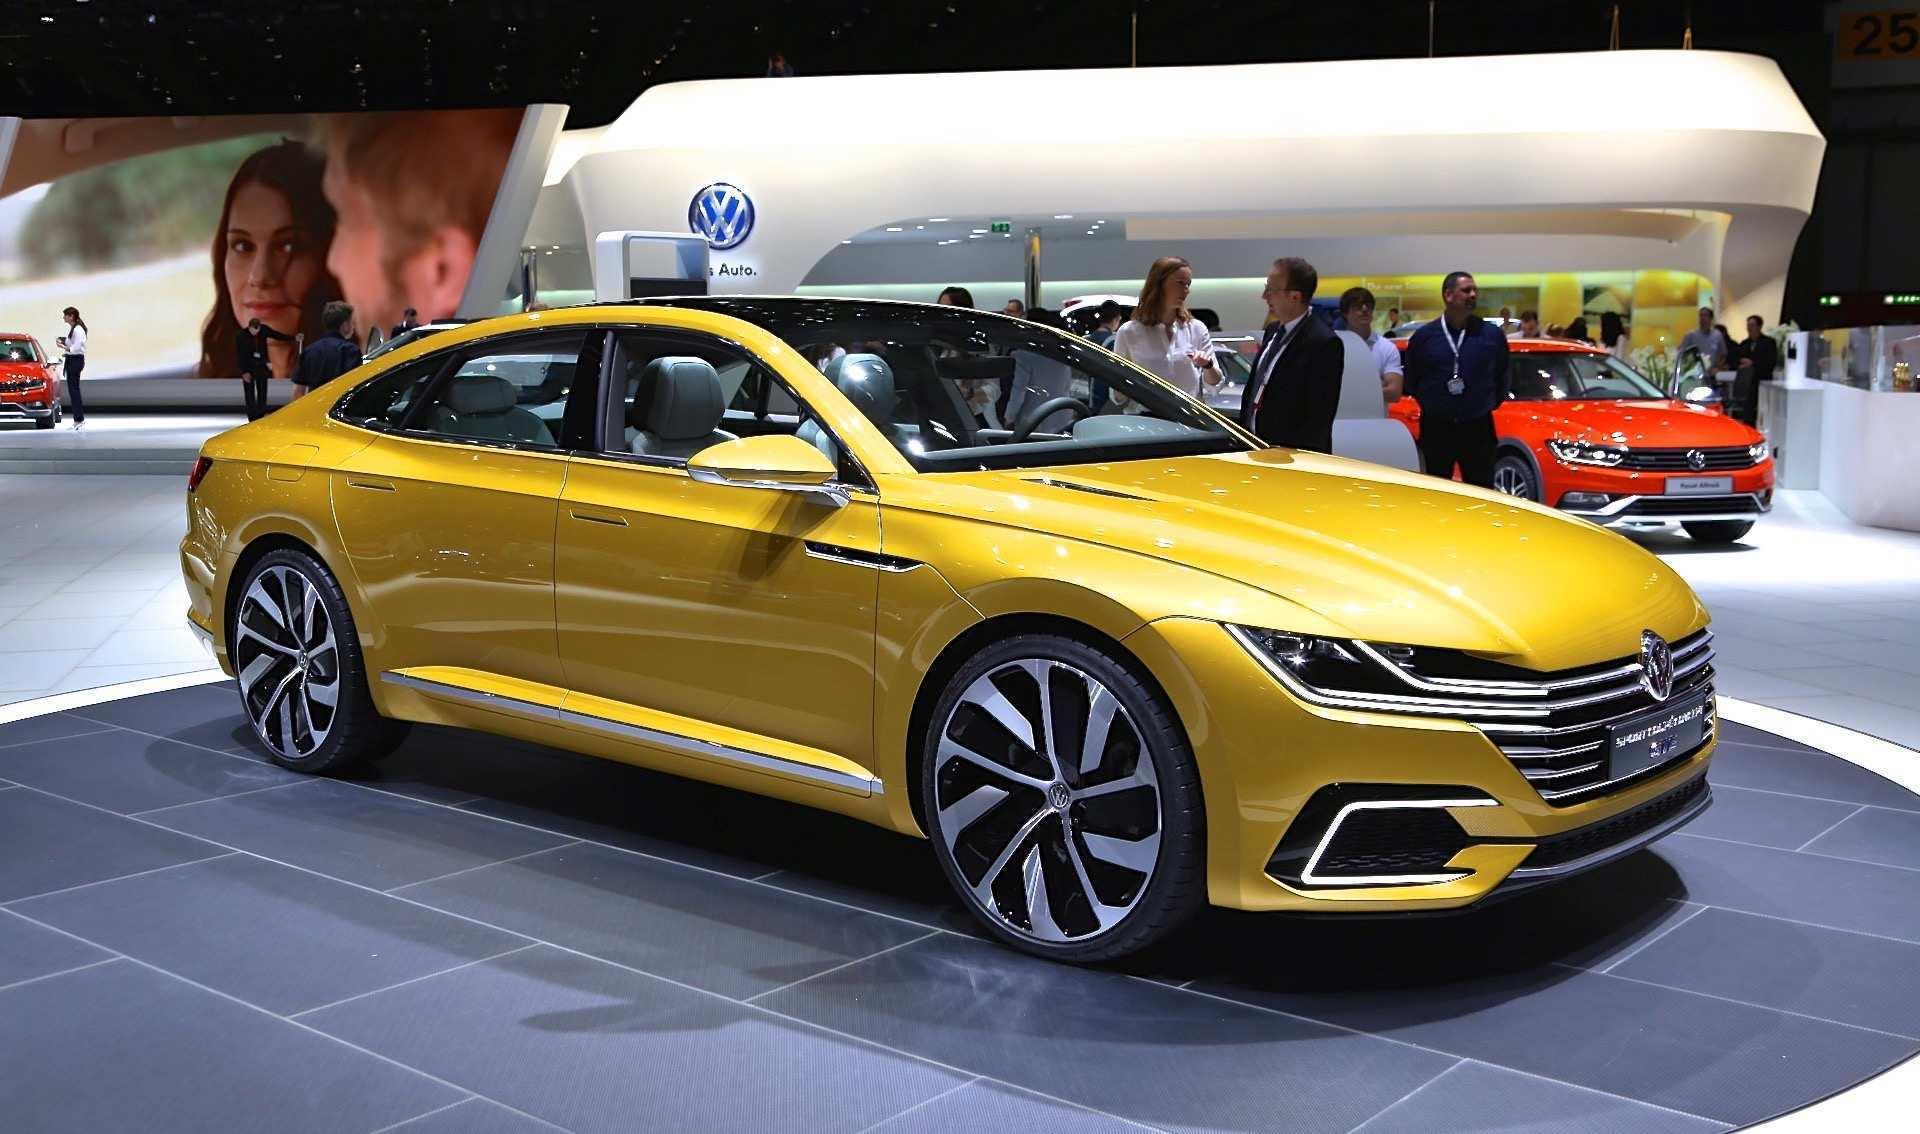 59 Gallery of Volkswagen Cc 2020 Pricing for Volkswagen Cc 2020